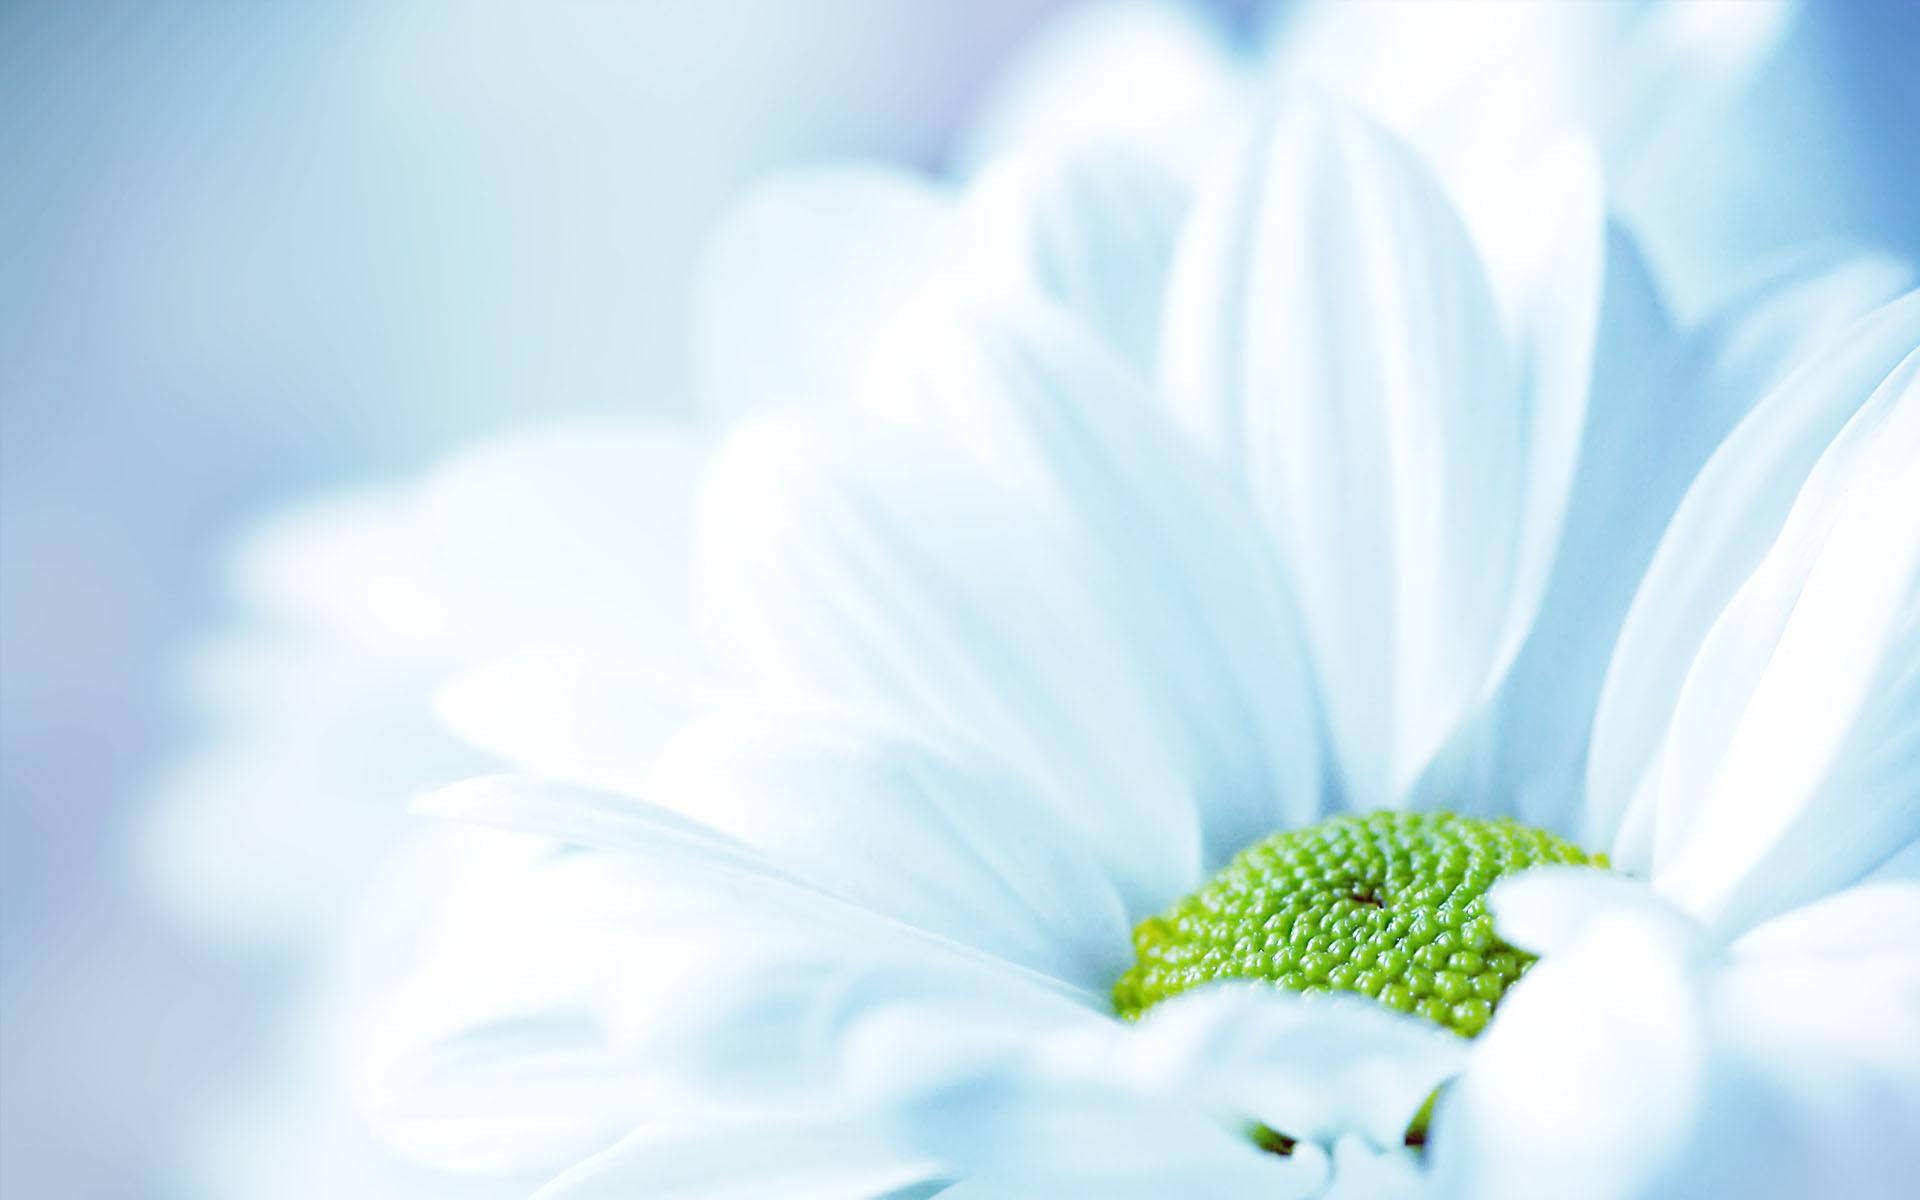 Flowers Beautiful Wallpaper Hd Wallpaper